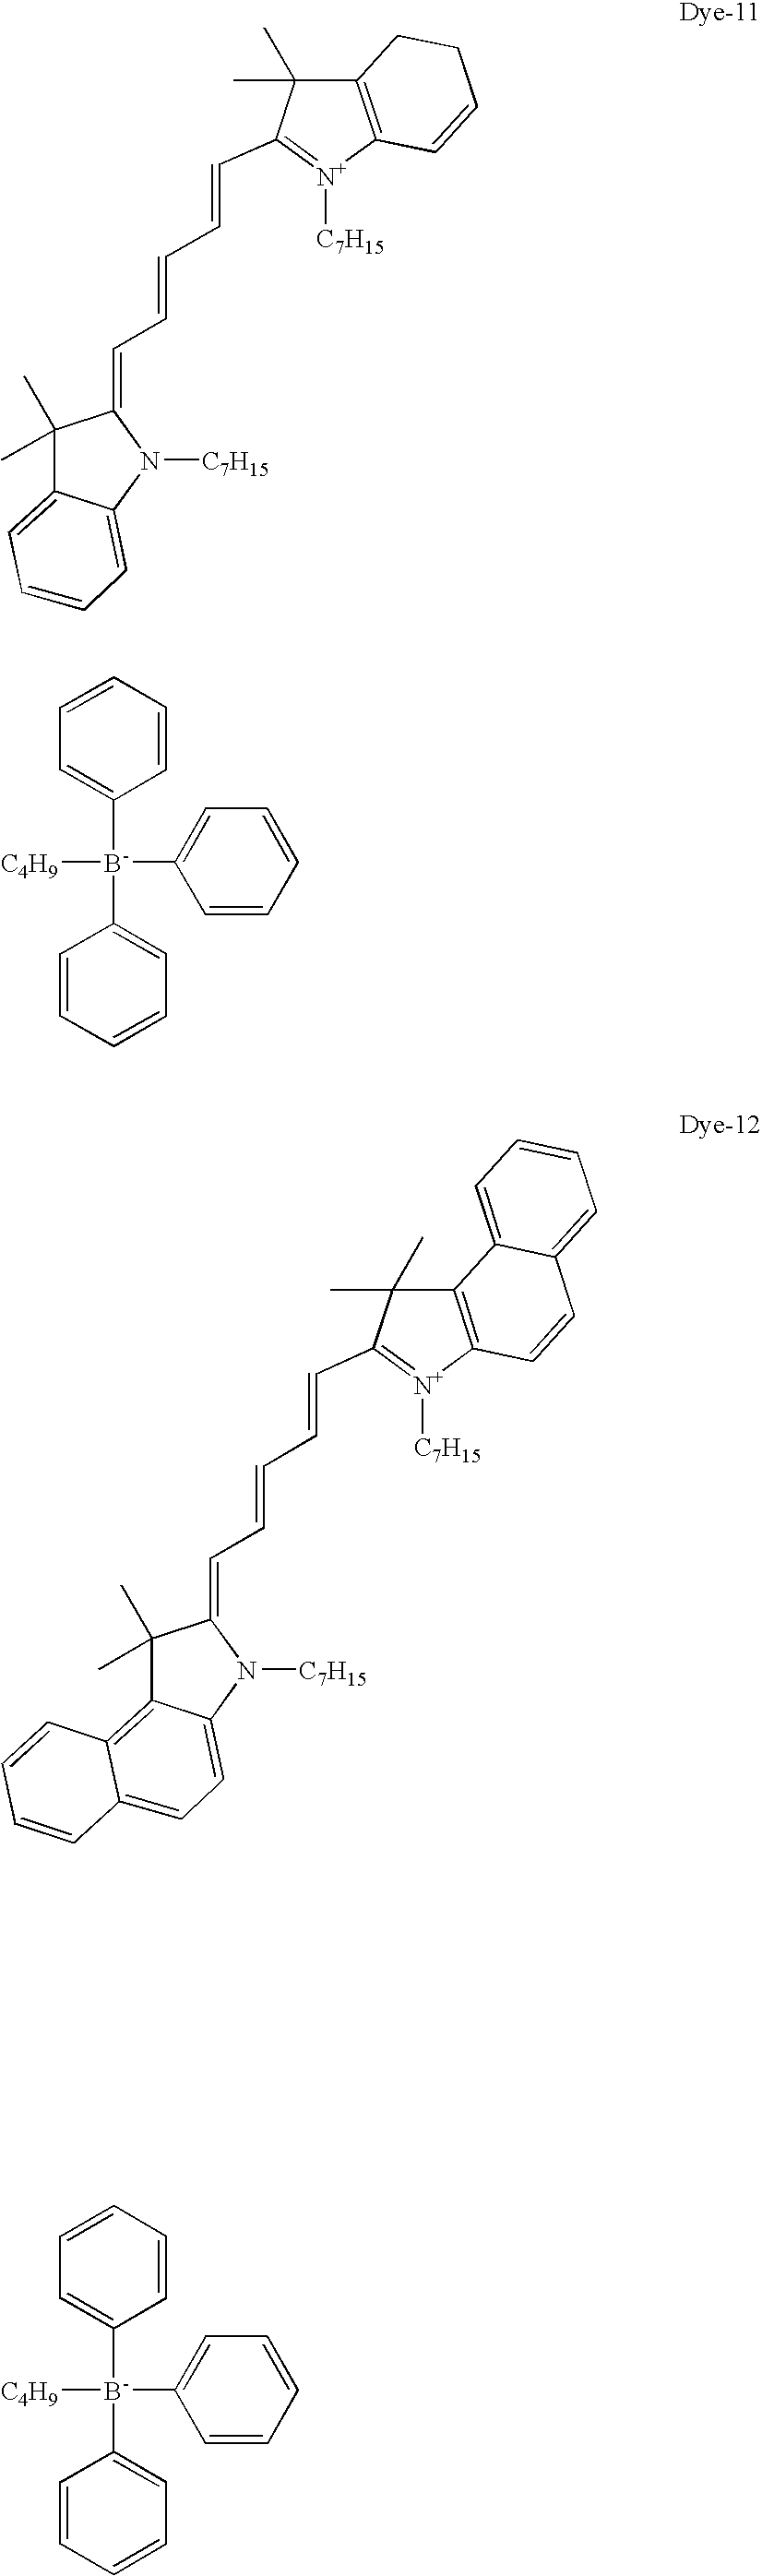 Figure US20050164116A1-20050728-C00005